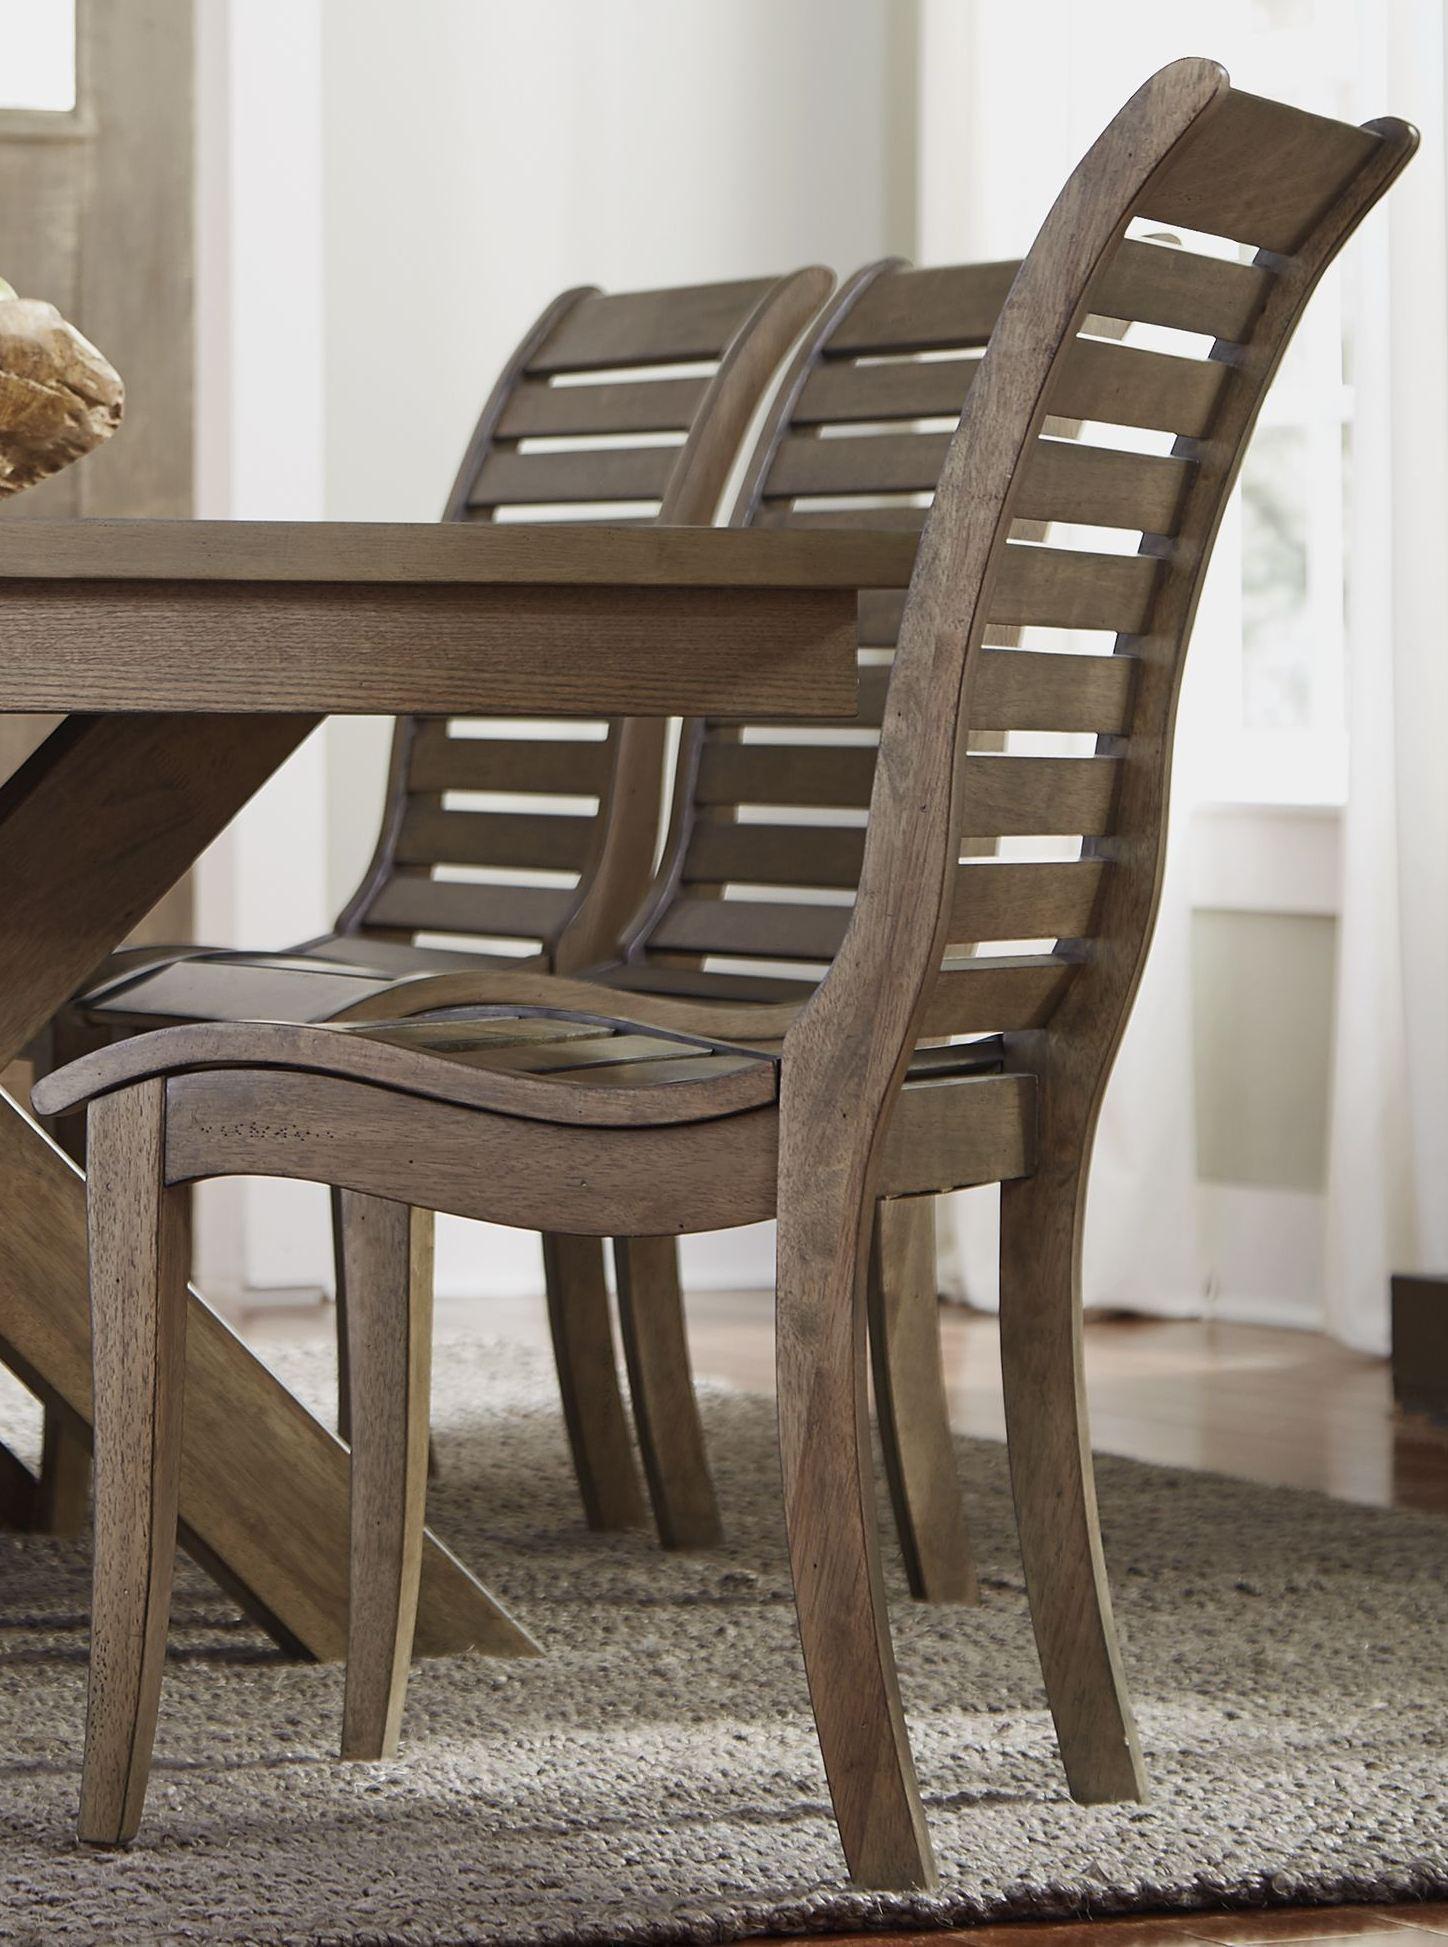 Bayside Crossing Washed Chestnut Slat Back Side Chair Set